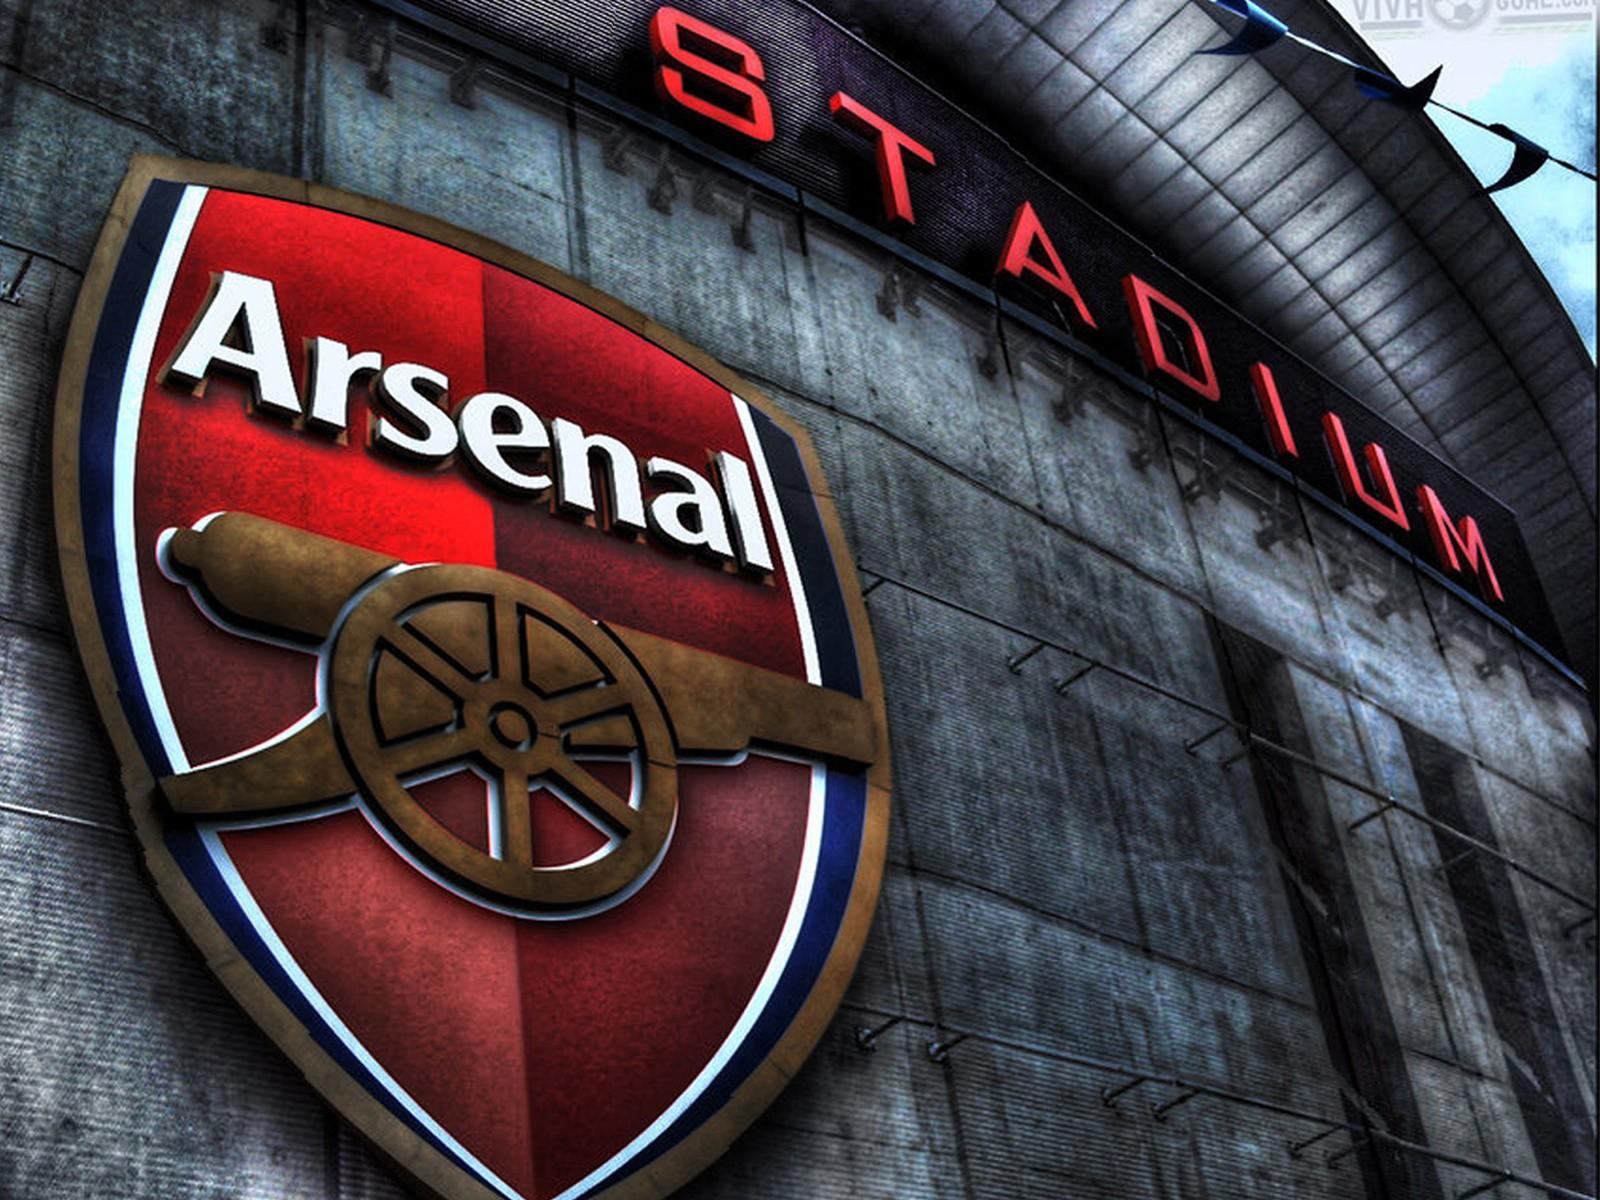 Поклонник «Арсенала» назвал сына вчесть любимого клуба